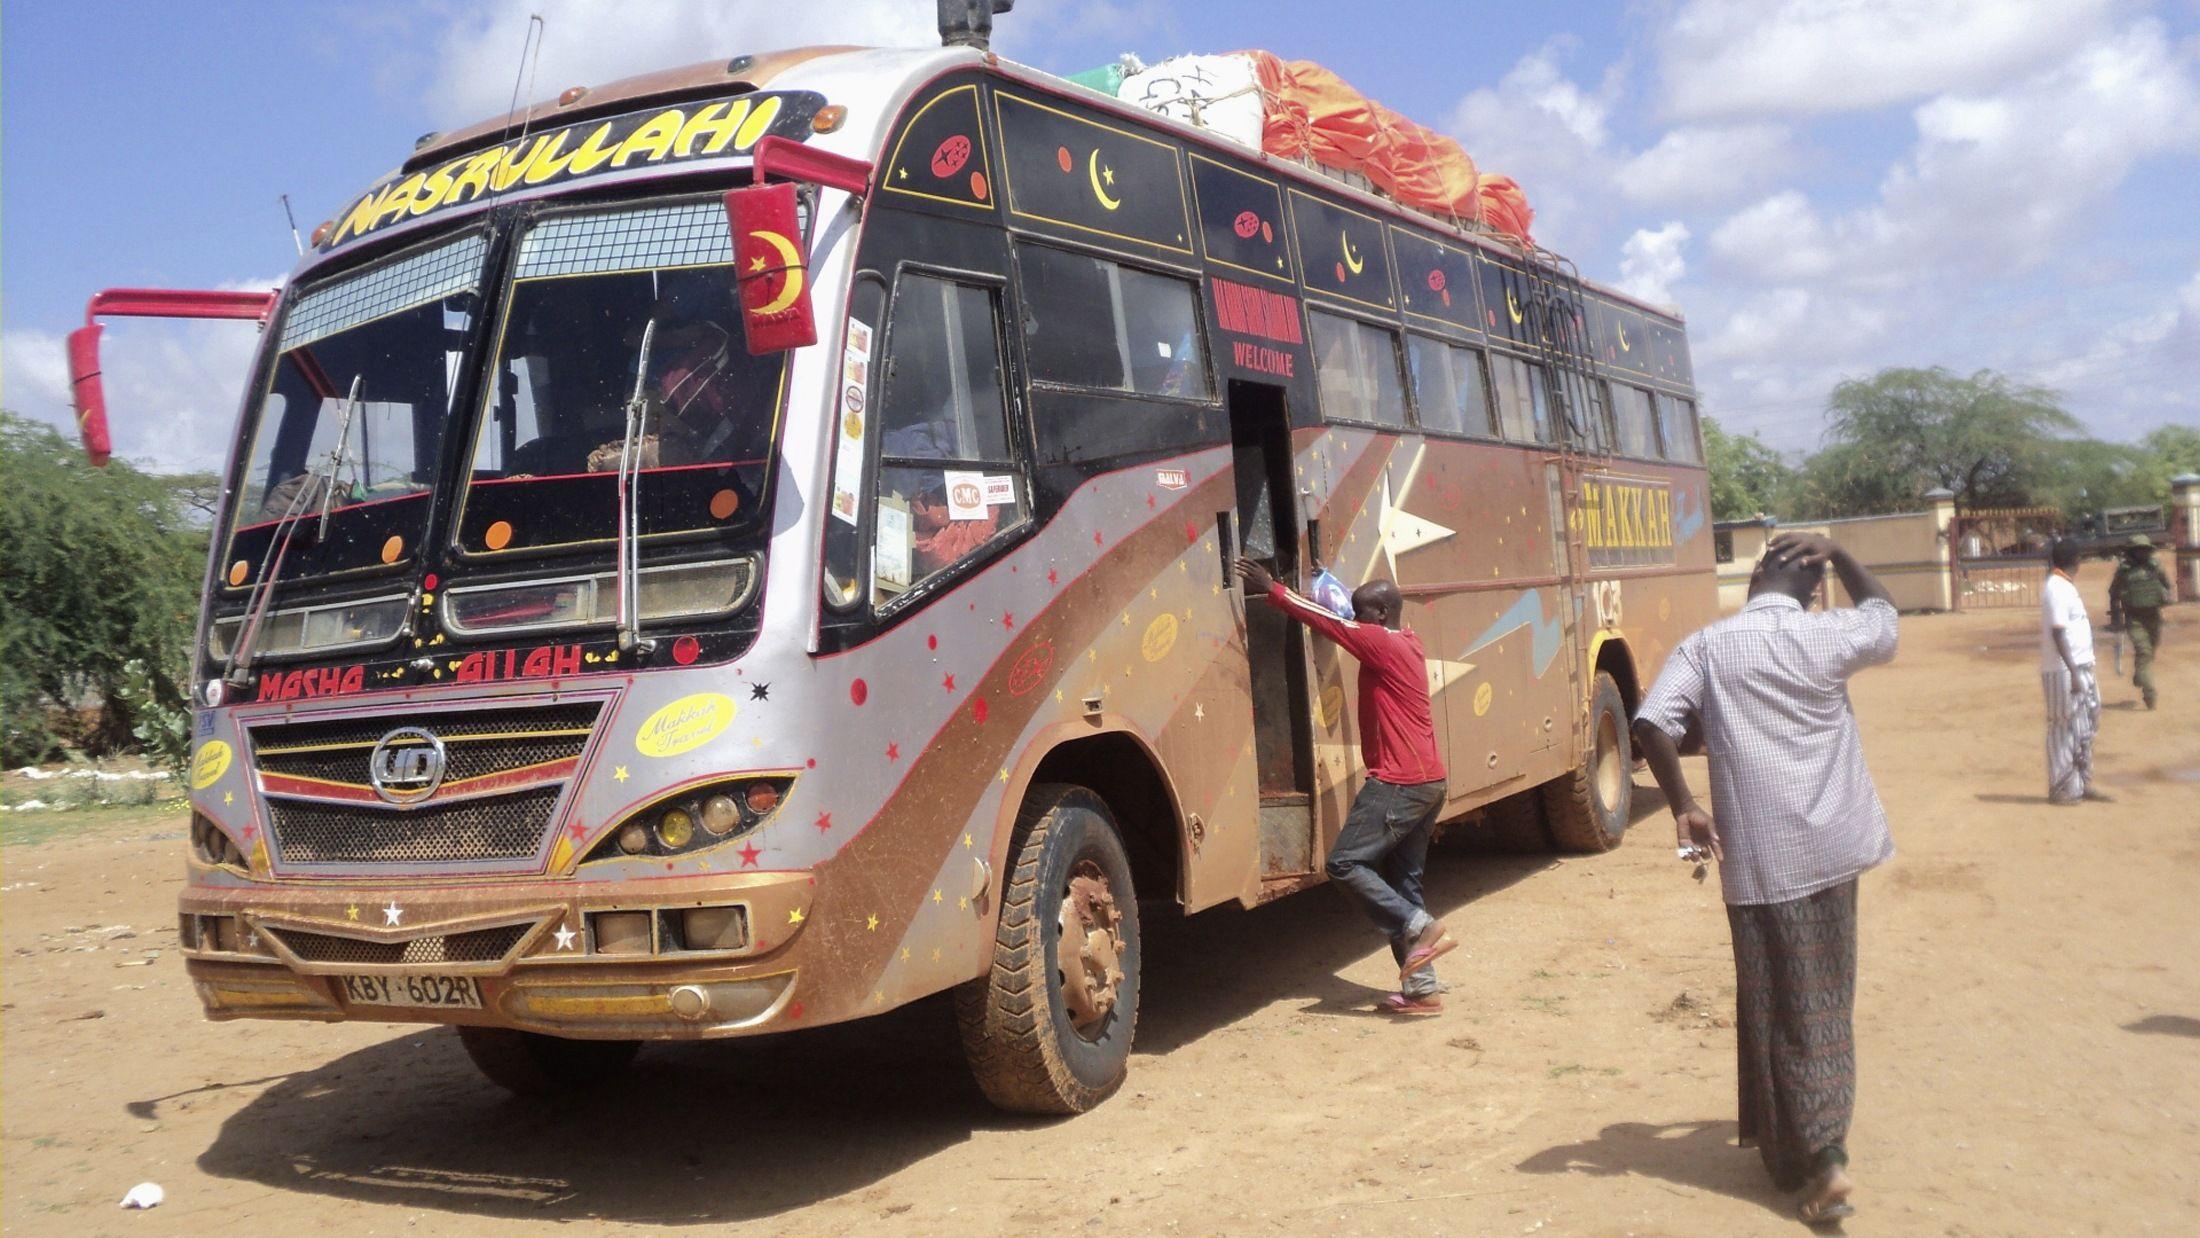 11-23-14 Kenya bus